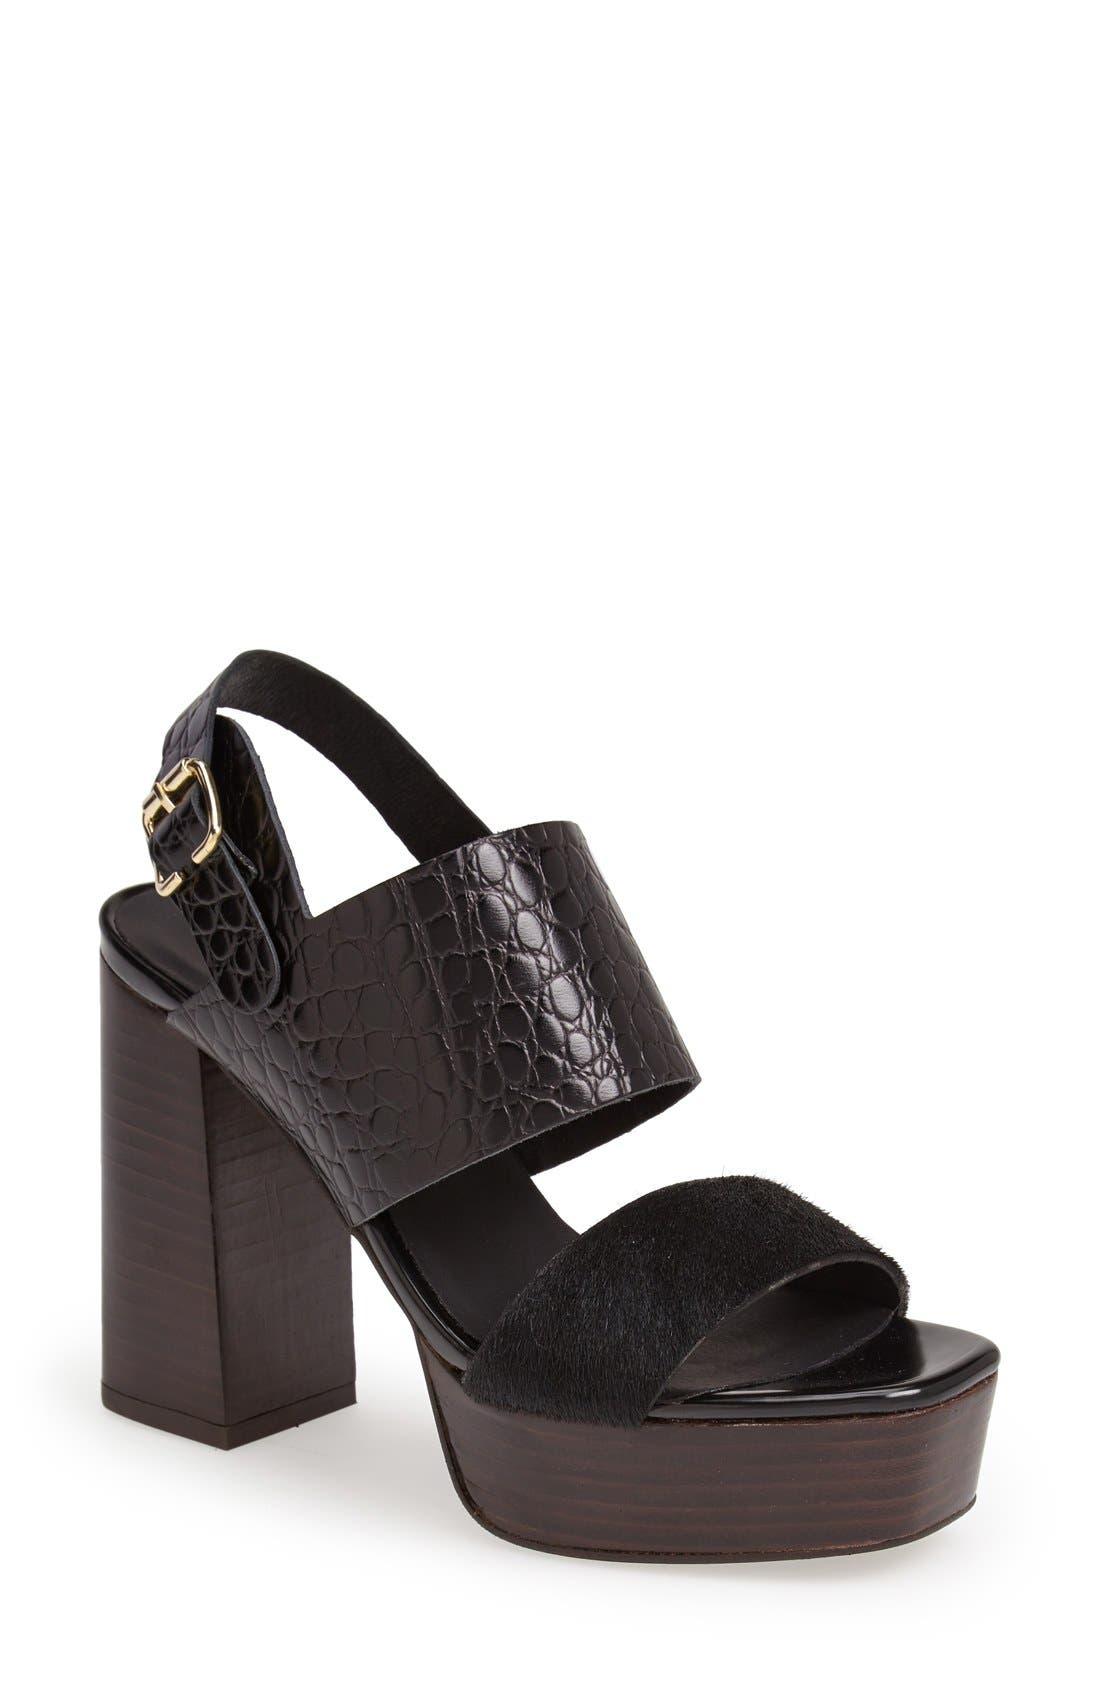 Alternate Image 1 Selected - Topshop 'Lime' Platform Sandal (Women)